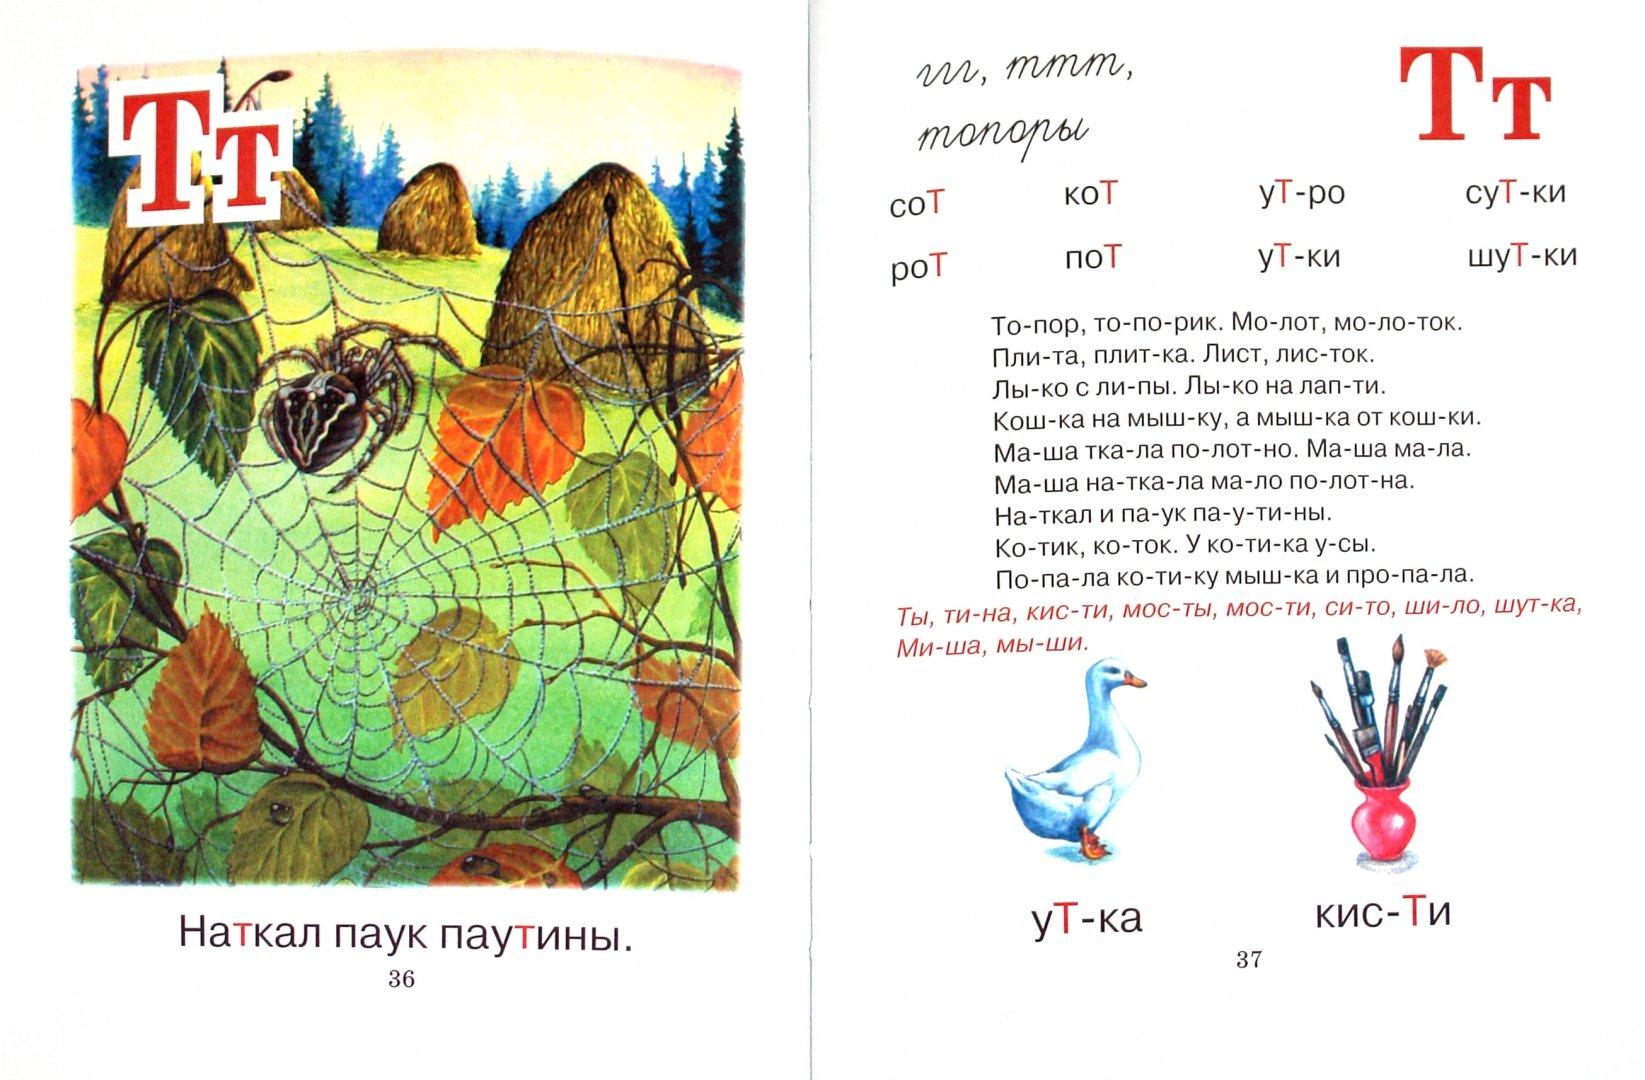 Иллюстрация 1 из 6 для Букварь - Тихомиров, Тихомирова   Лабиринт - книги. Источник: Лабиринт